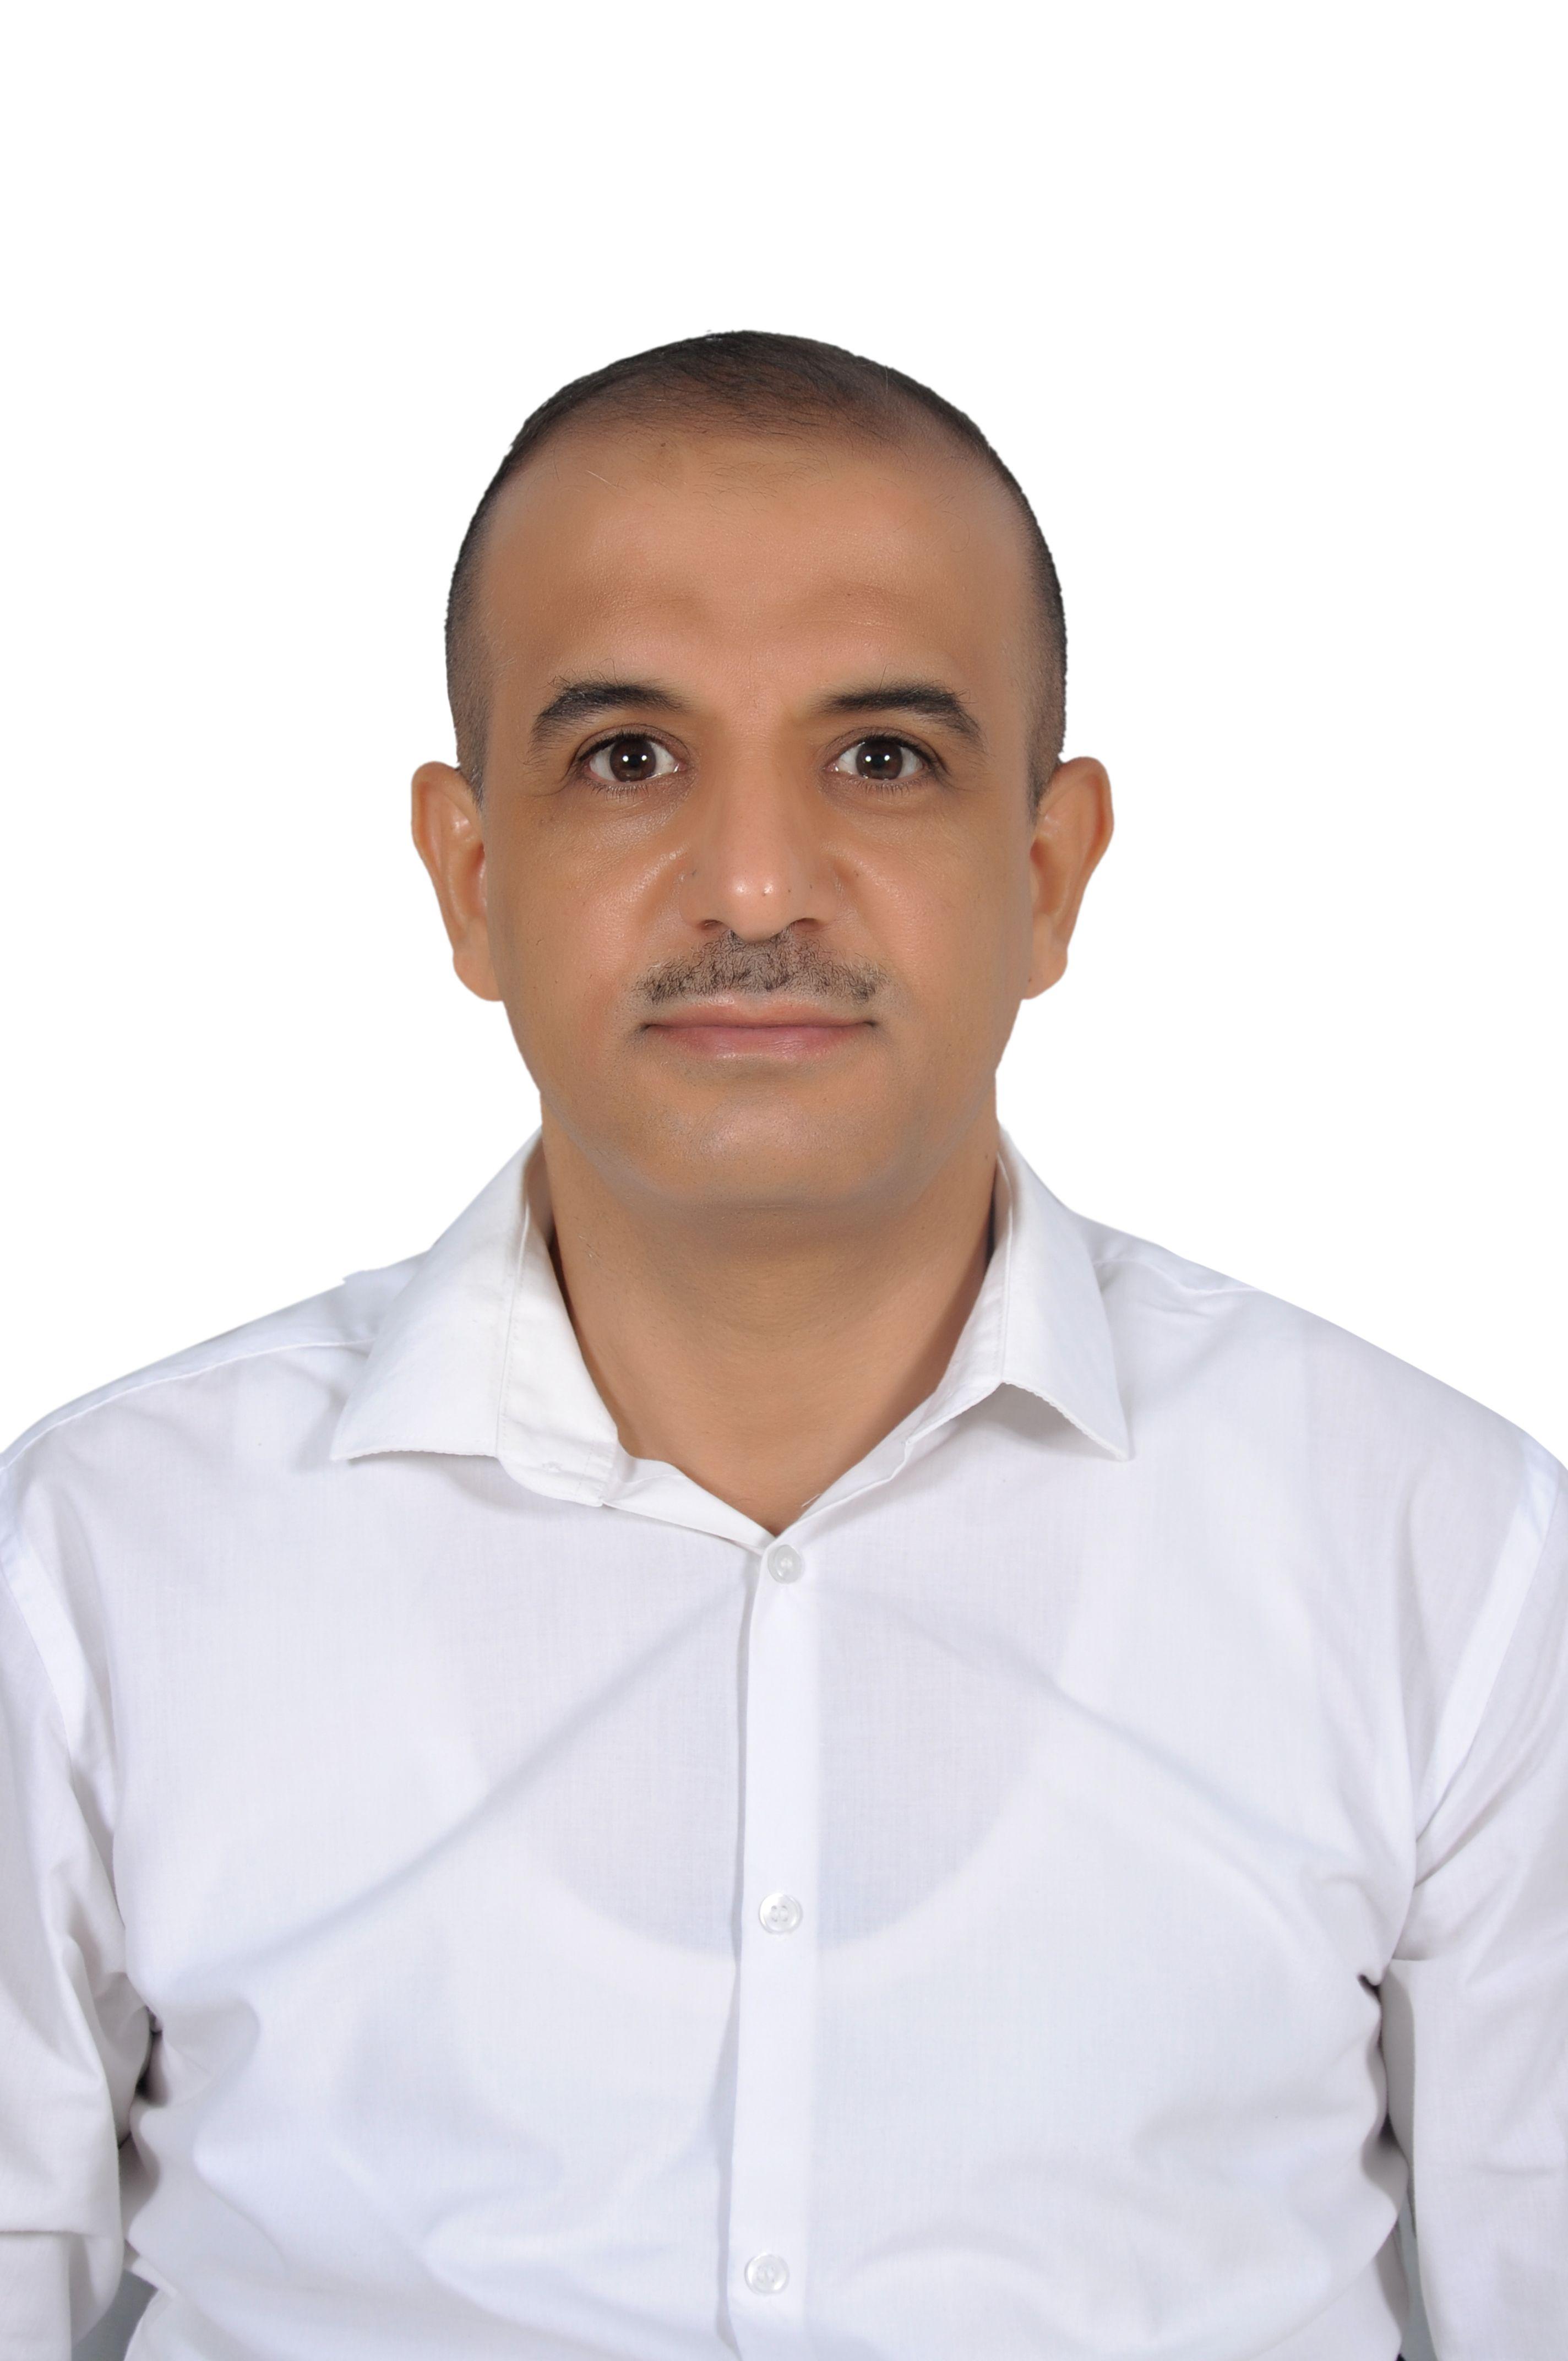 Fareed Abdulmuhsin Warid AL-Laftah